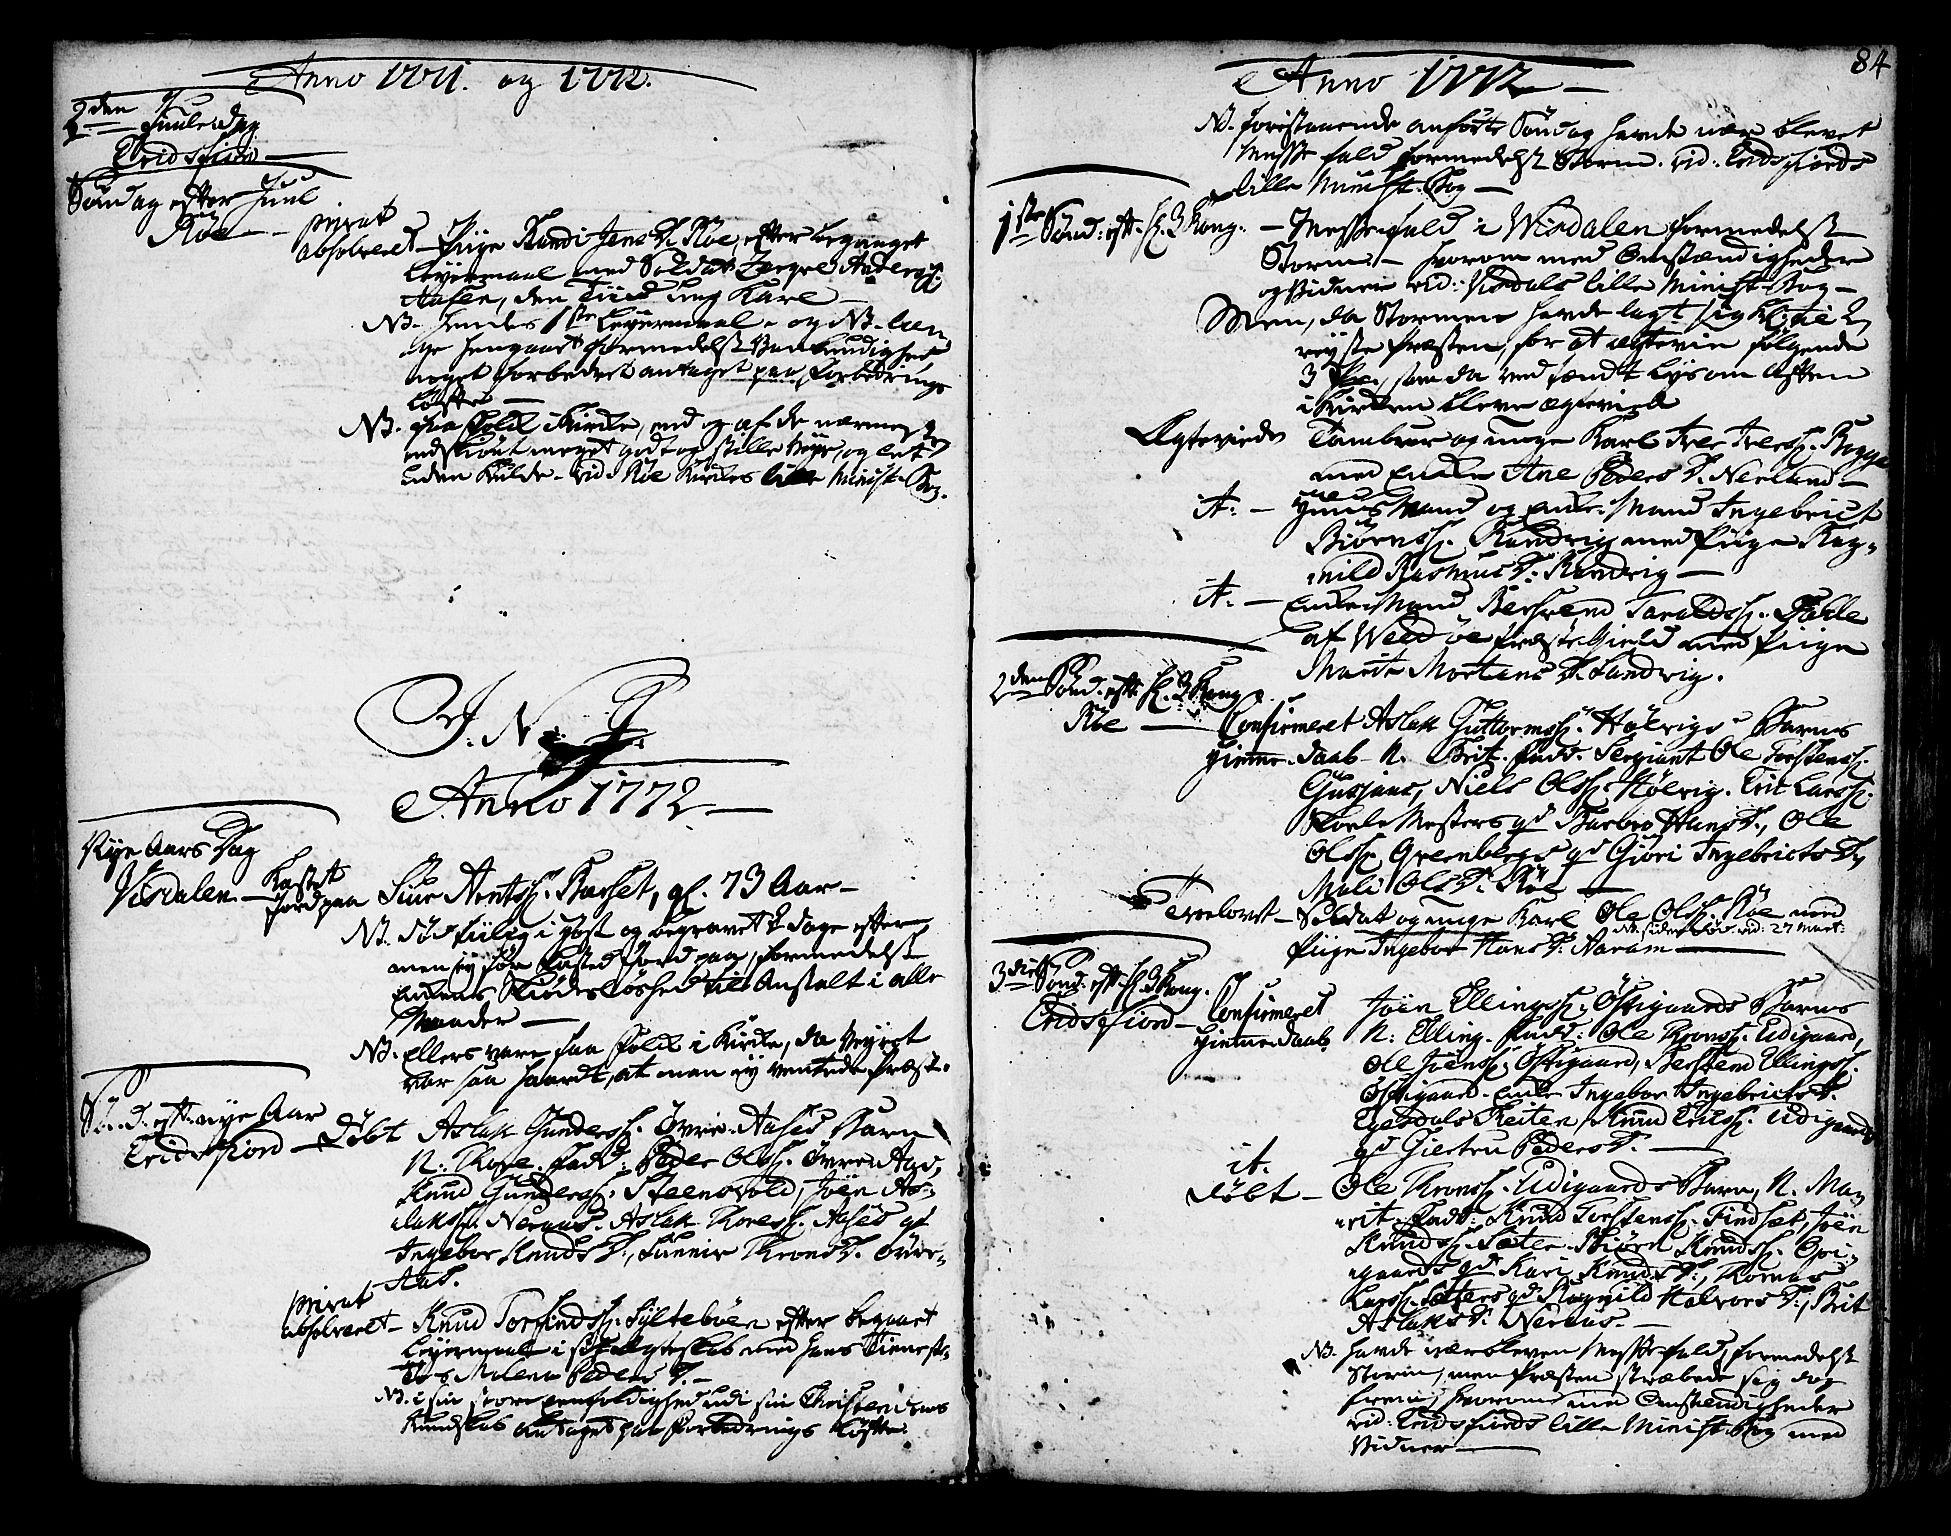 SAT, Ministerialprotokoller, klokkerbøker og fødselsregistre - Møre og Romsdal, 551/L0621: Ministerialbok nr. 551A01, 1757-1803, s. 84